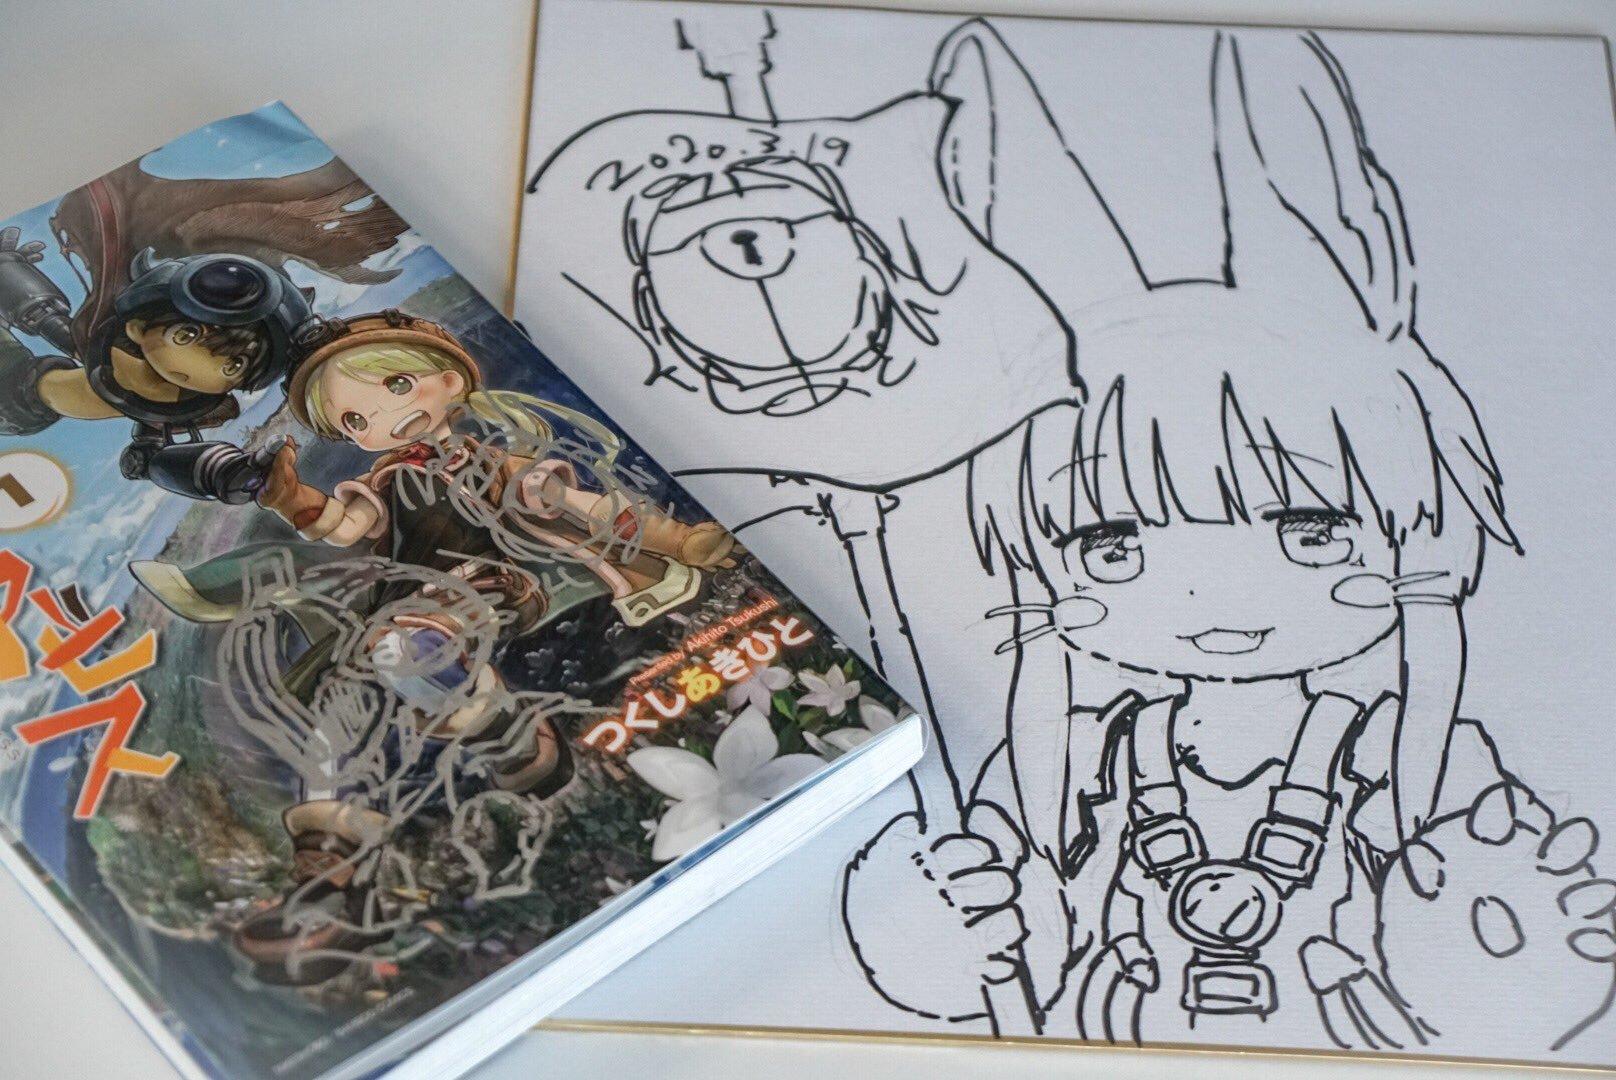 来自深渊漫画作者土筆章人受邀参观「小岛工作室」 土筆章人 ACG资讯